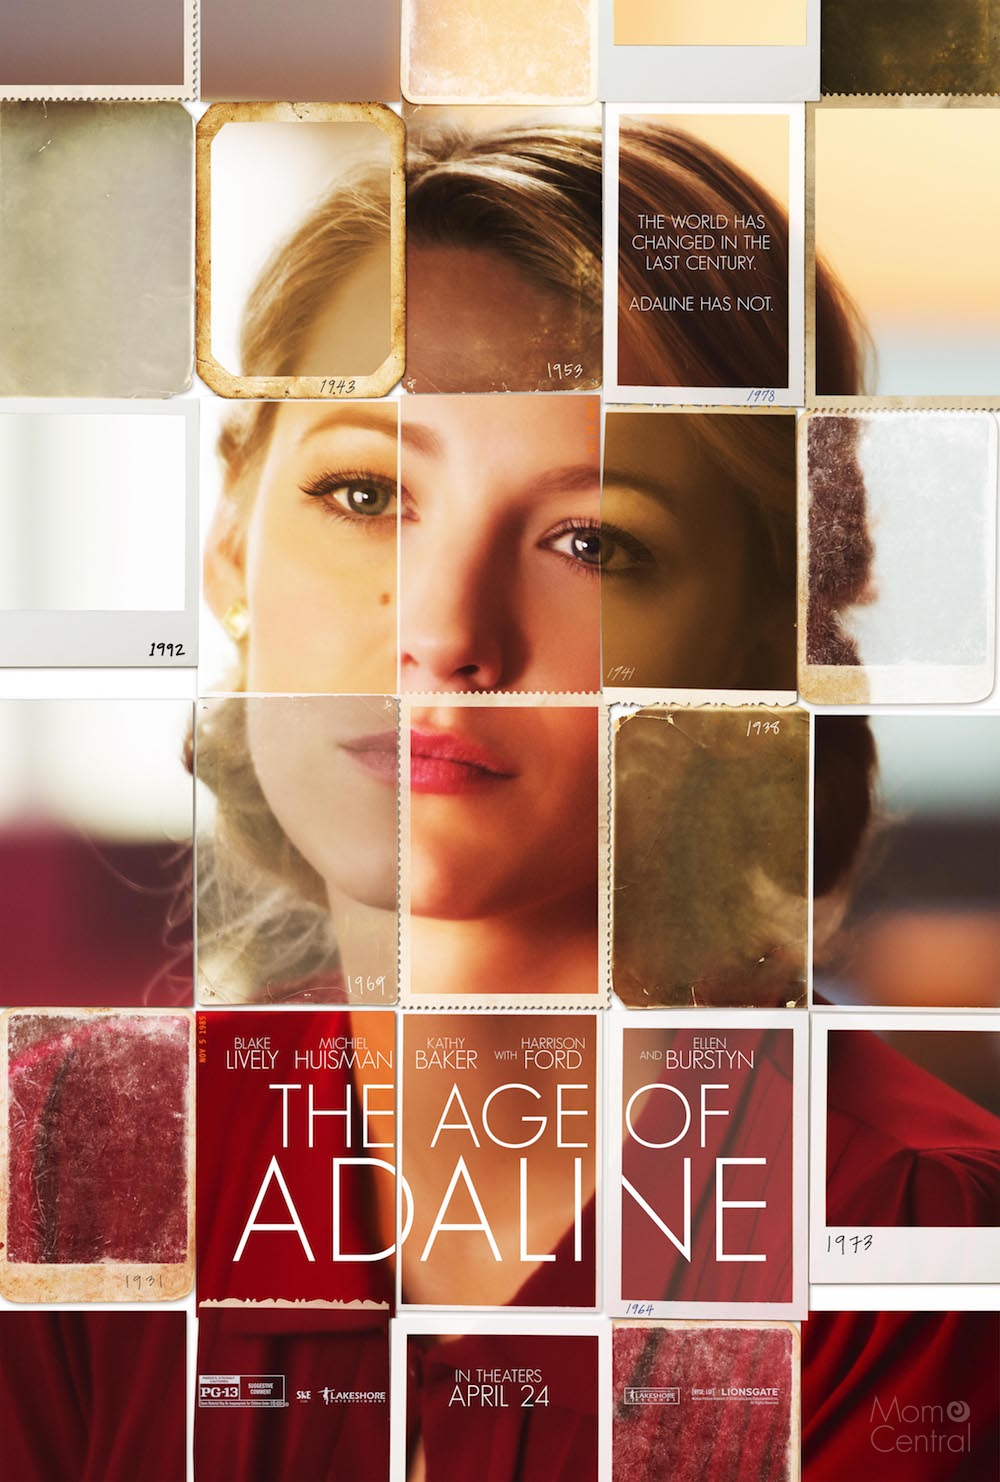 See Adaline